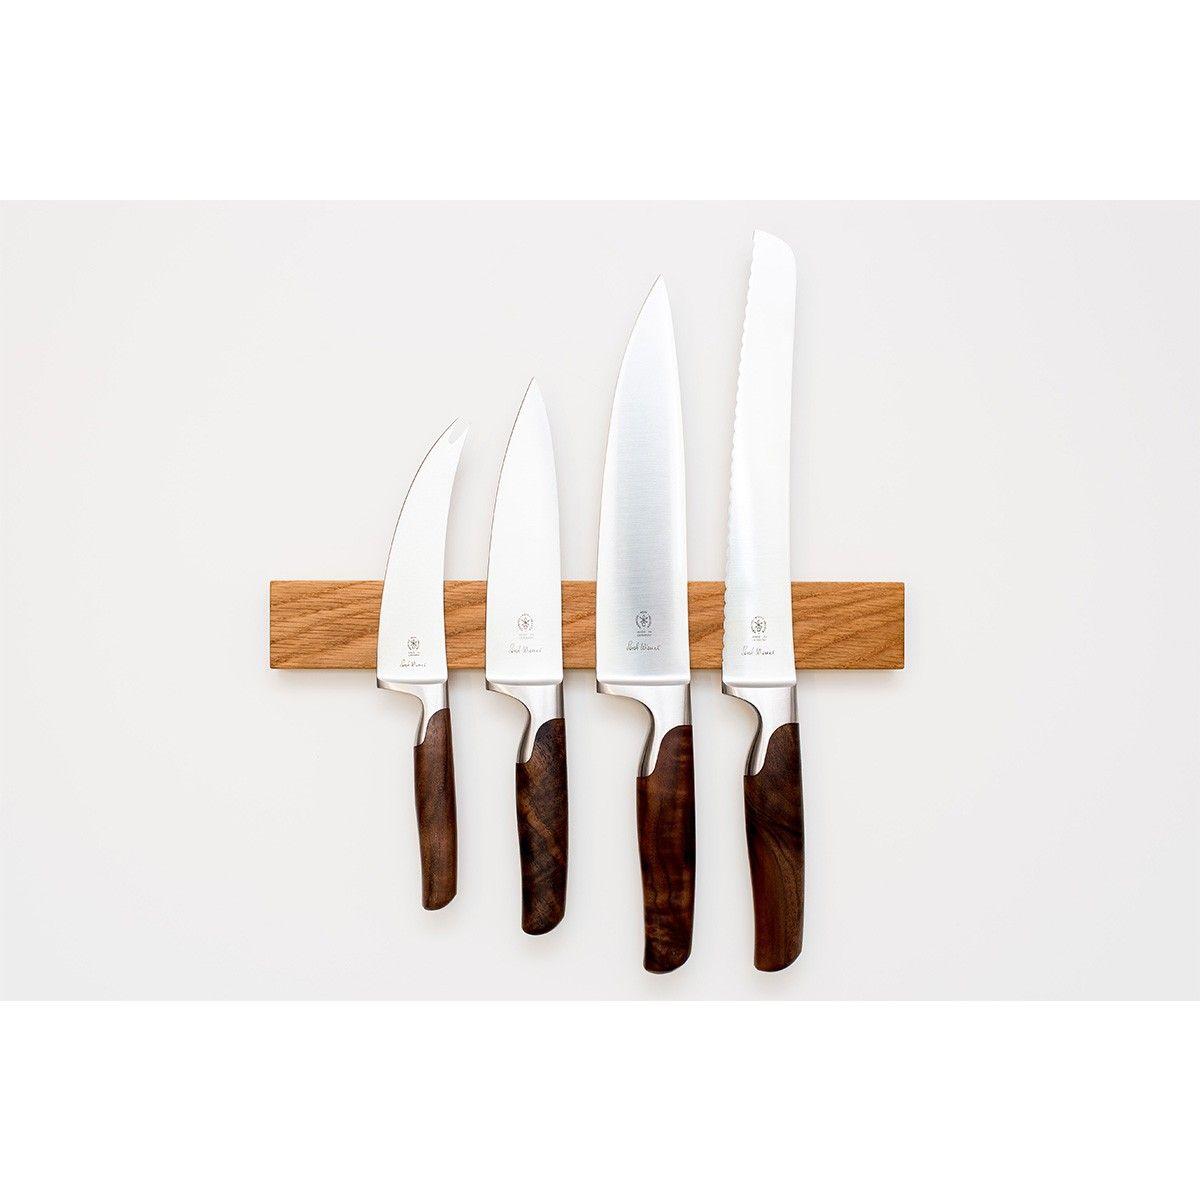 Klotzaufklotz Messerleiste Eiche 31cm Selekkt Heim Fur Junges Design Messer Holz Und Eiche